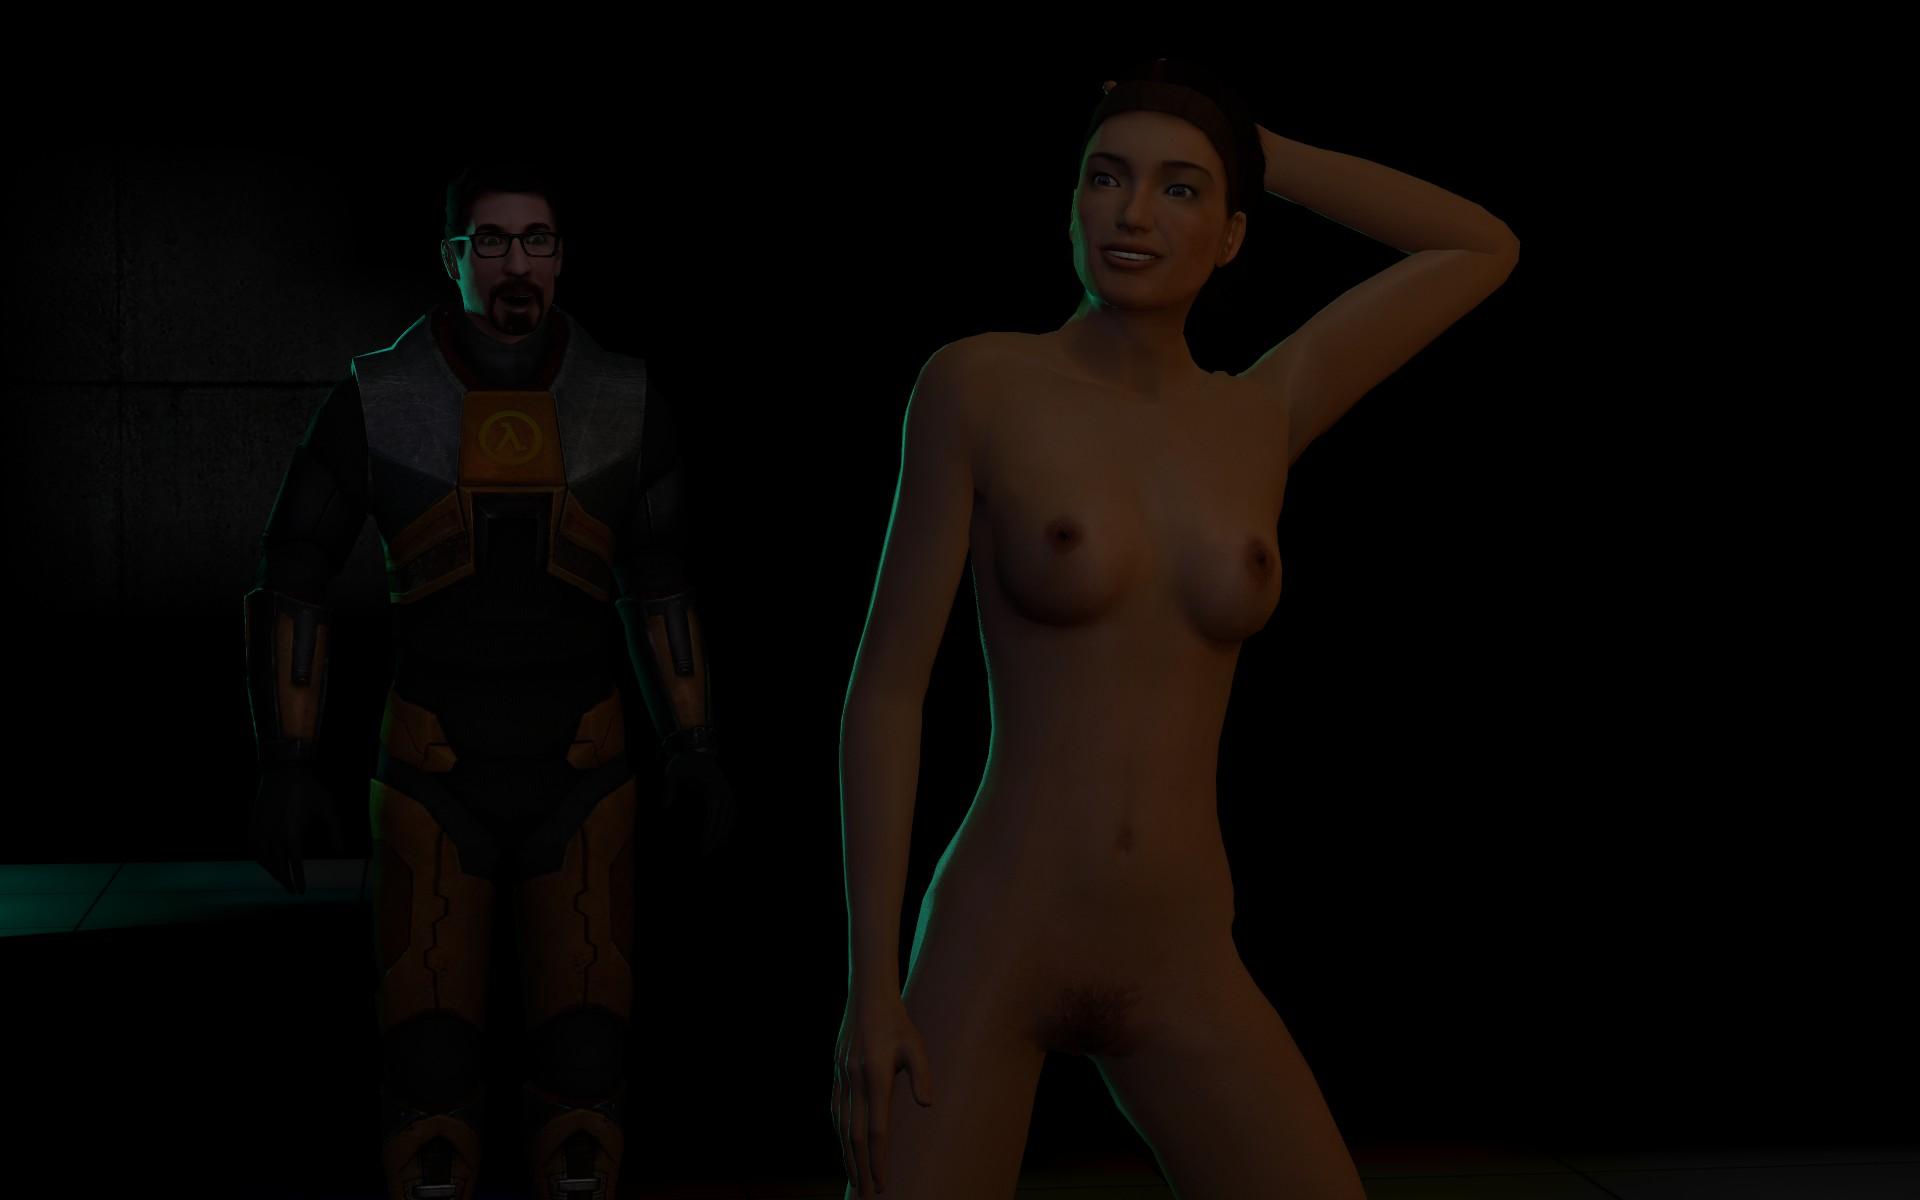 Alyx nude skins ff cinematic mod xxx pics